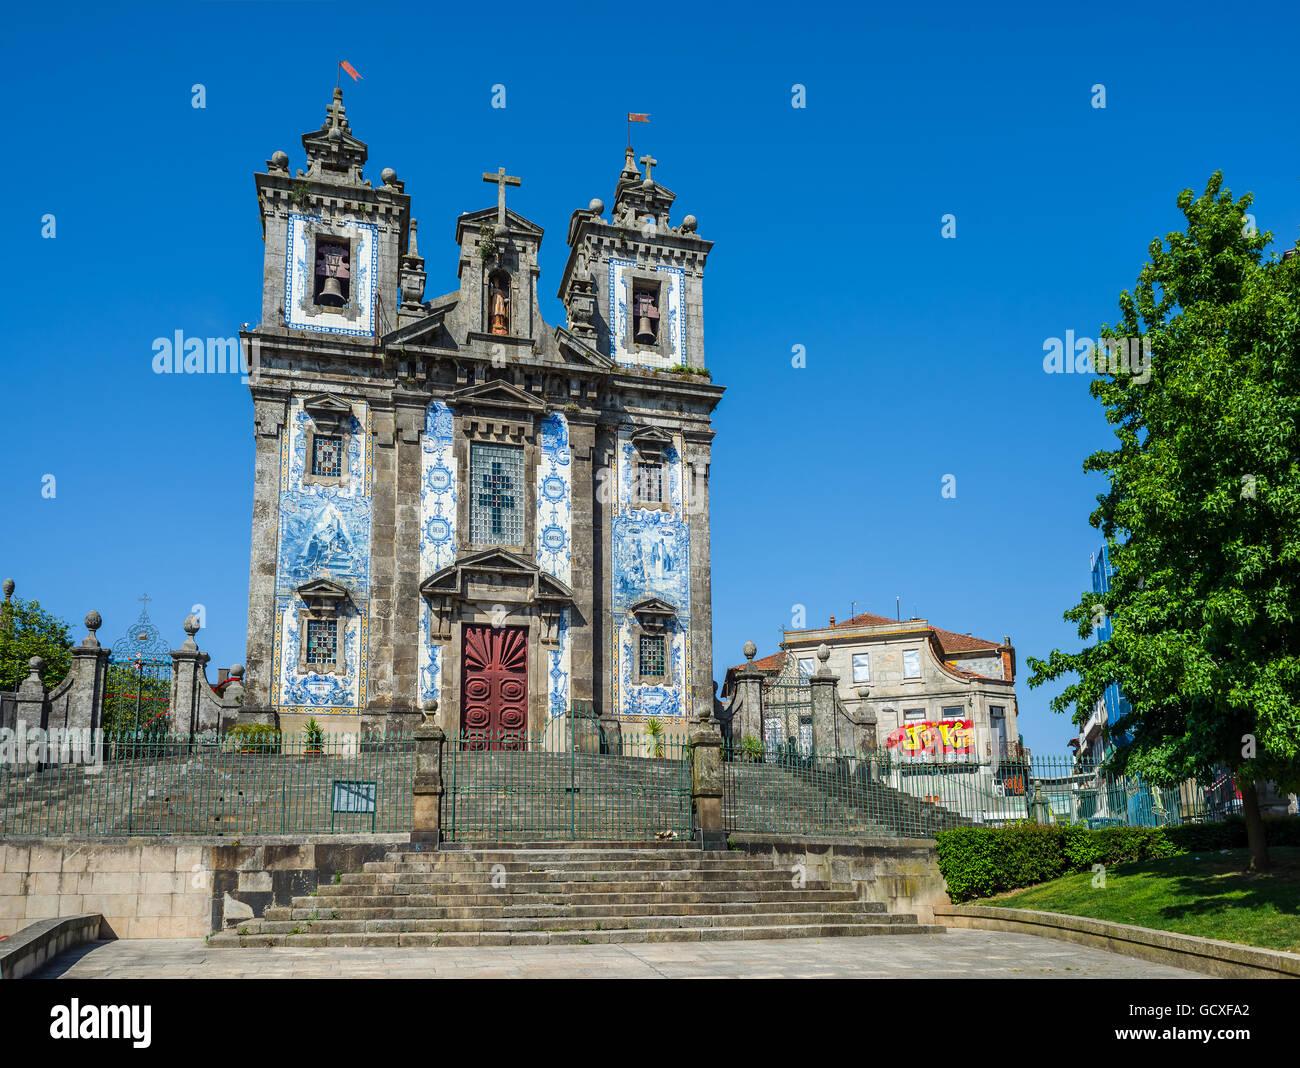 Principal facade of Igreja de Santo Ildefonso church in Porto, Portugal - Stock Image